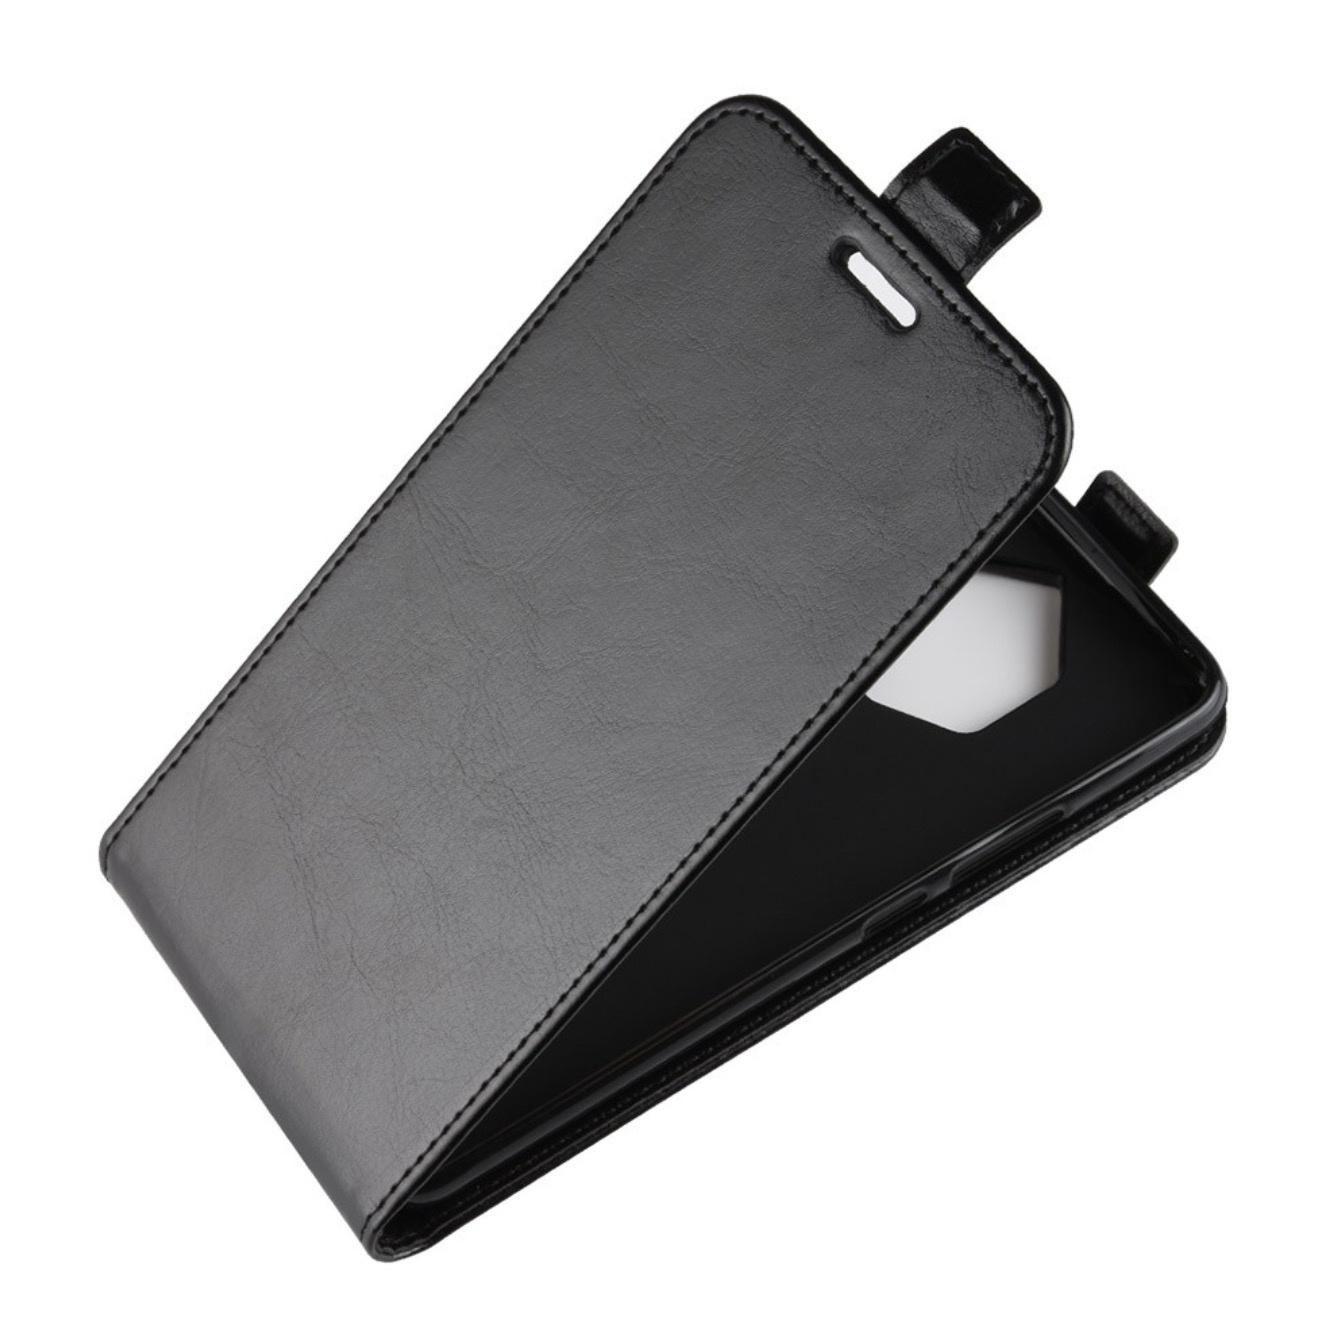 купить Чехол-флип MyPads для Alcatel One Touch Fierce 2 7040T вертикальный откидной черный по цене 453 рублей